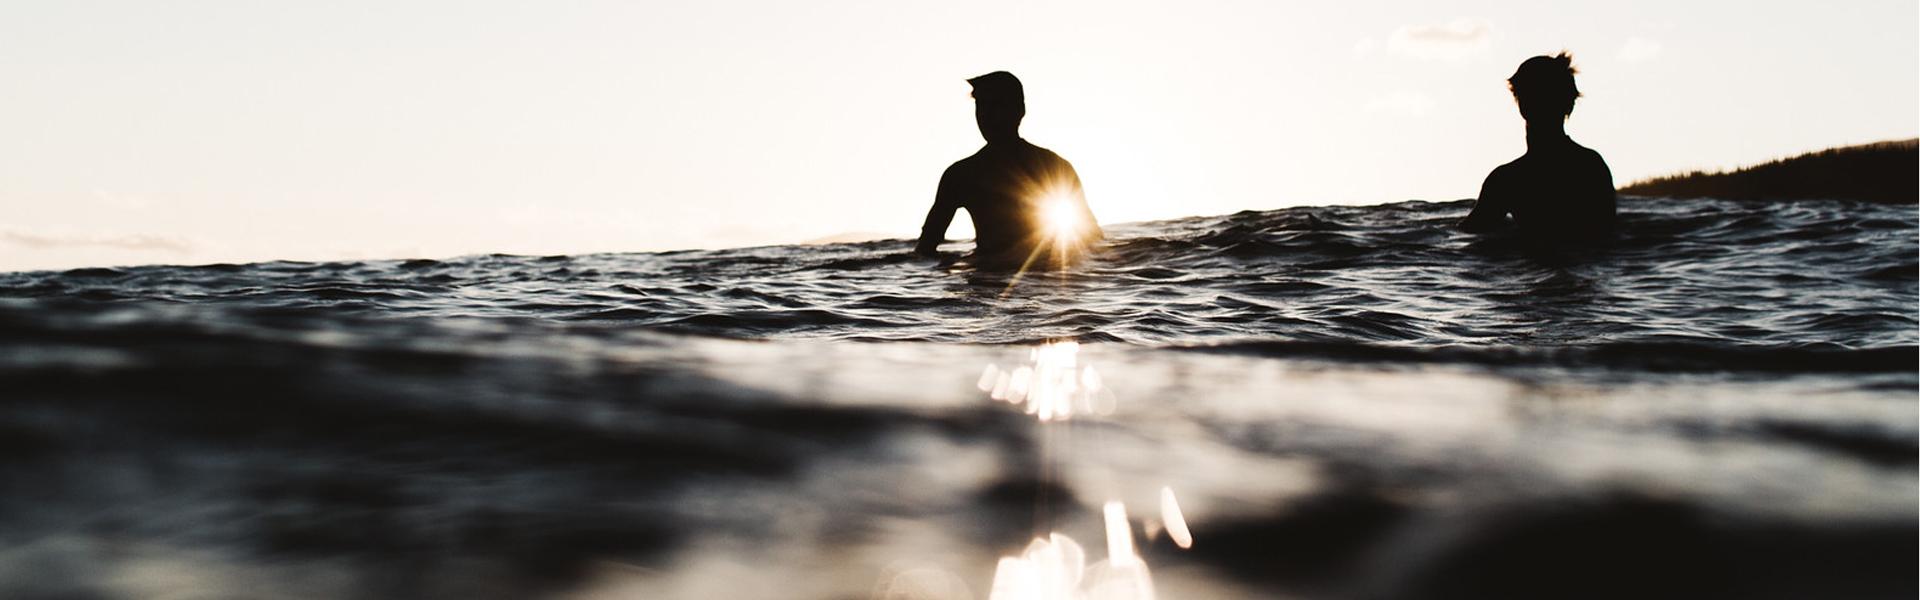 Surf-Club-Cornwall-IMG-2-1